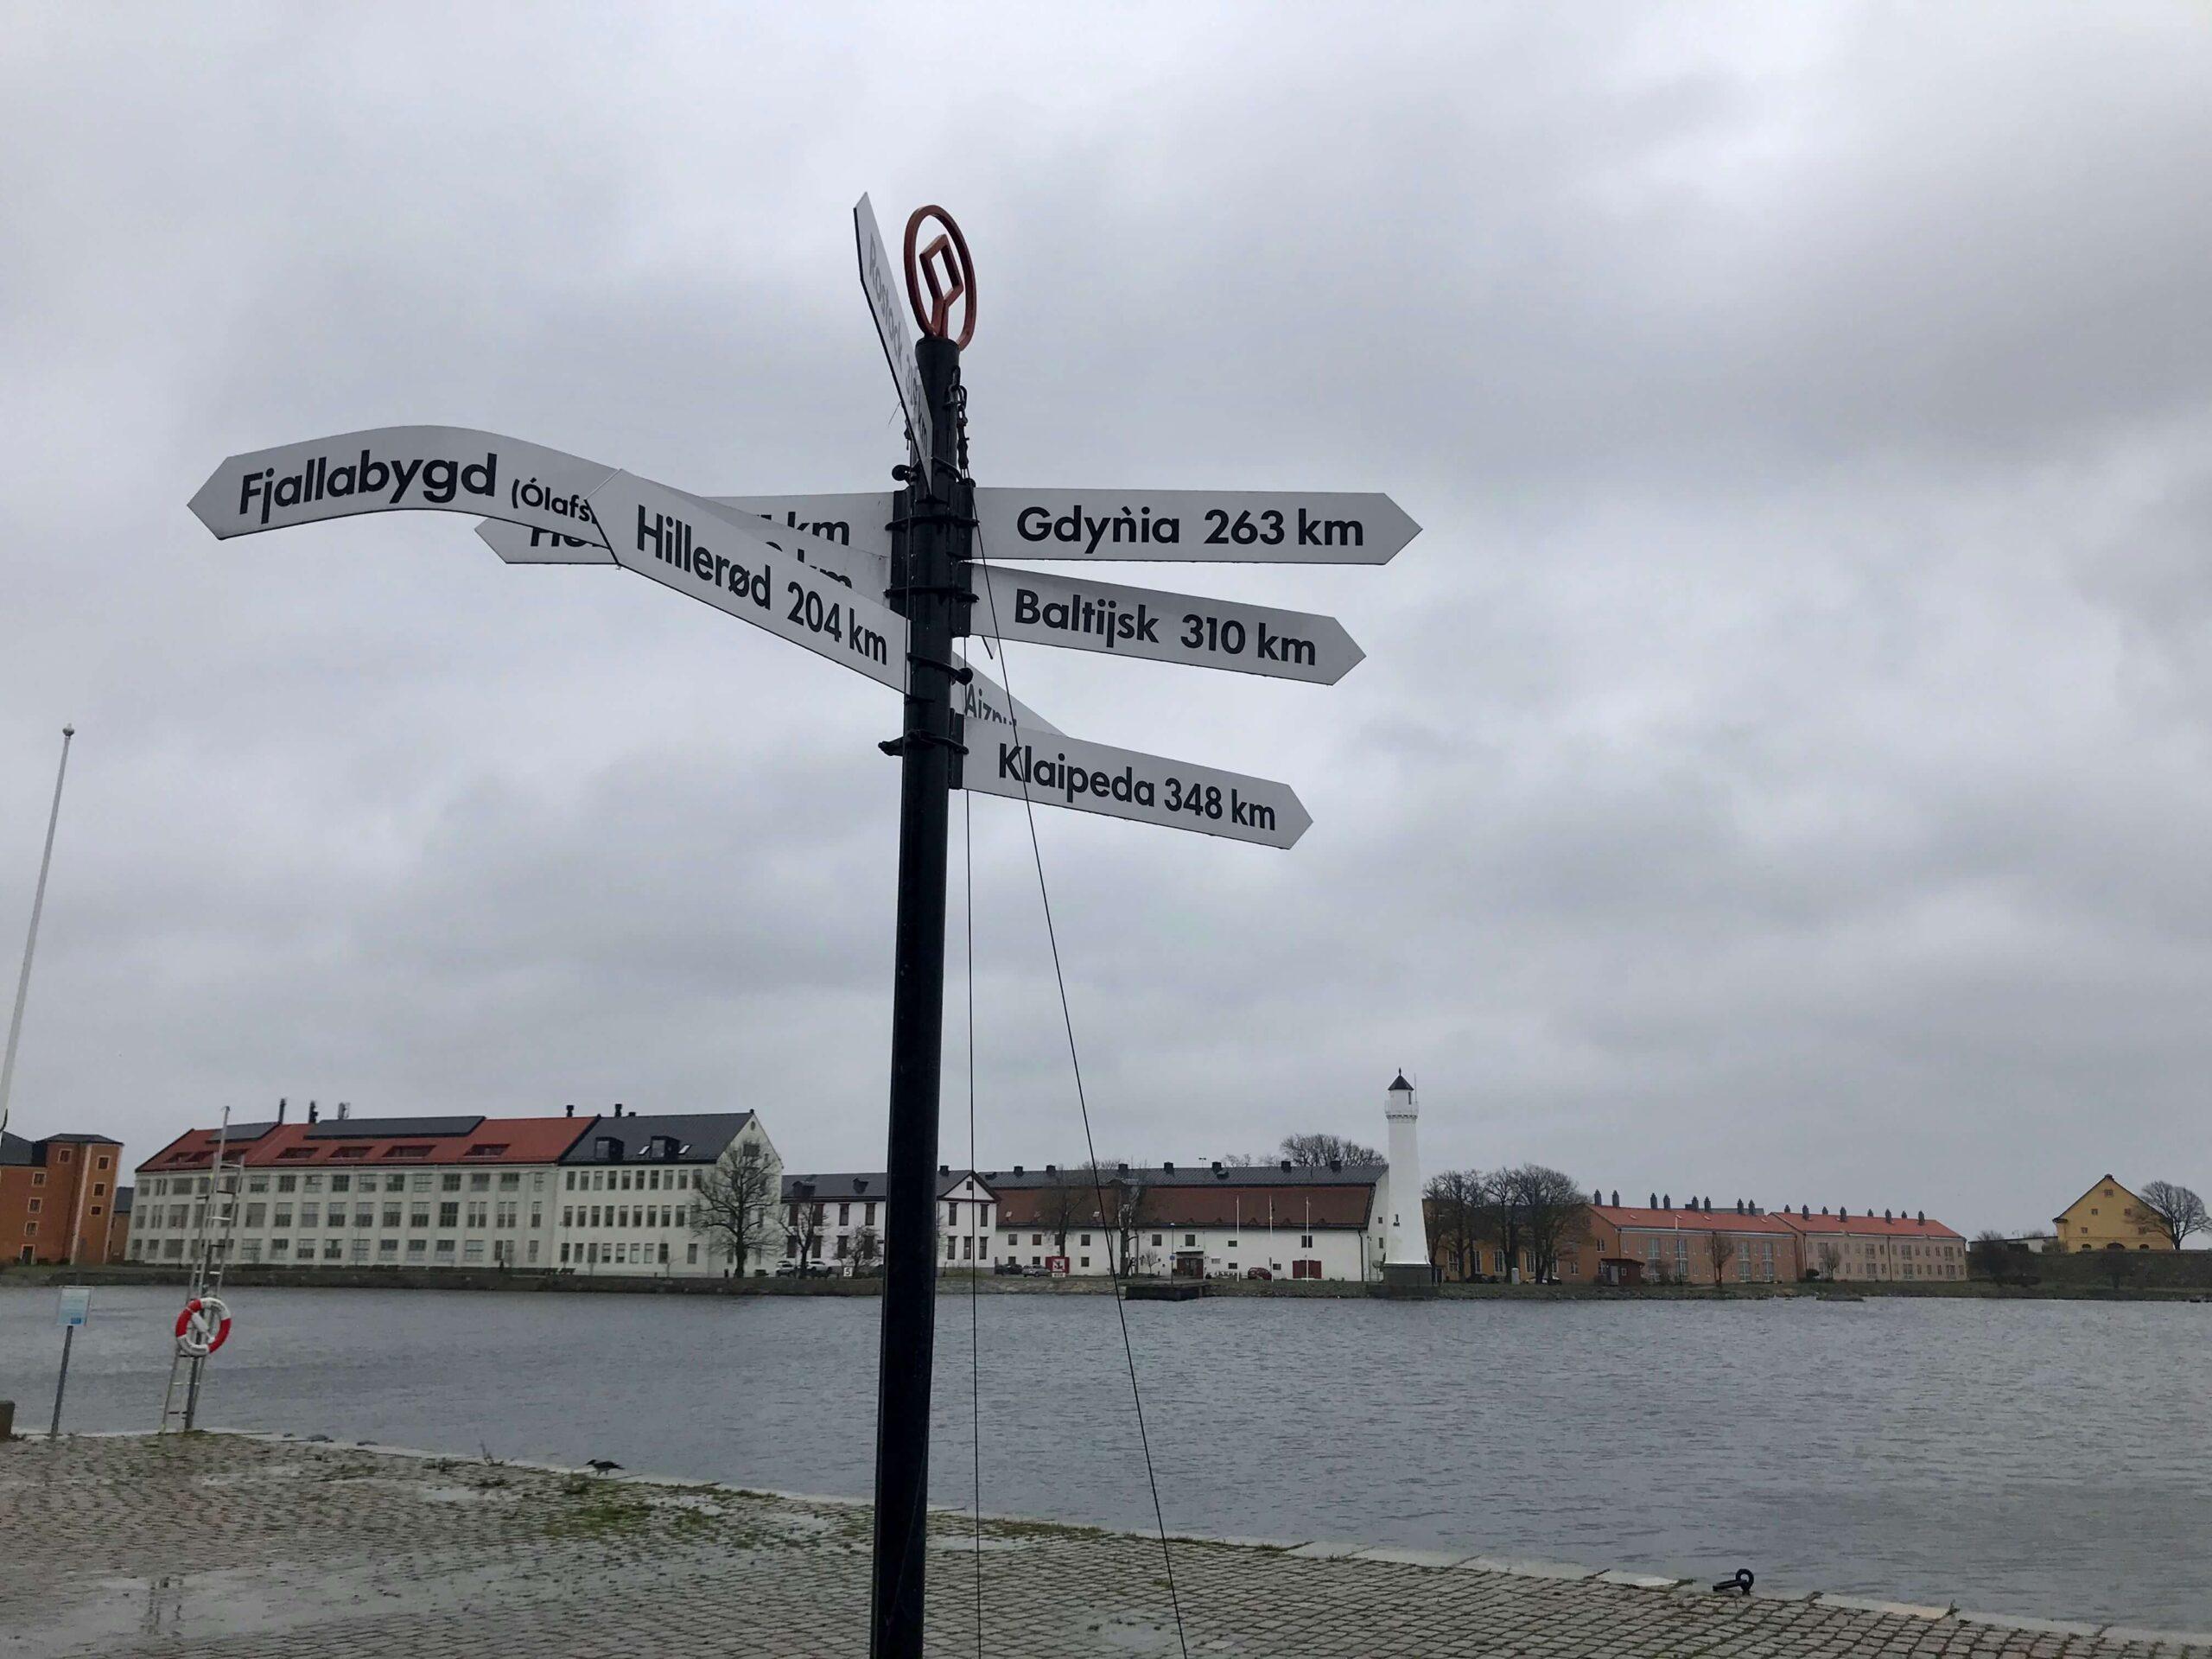 Sweden, Karlskrona - Lighthouse